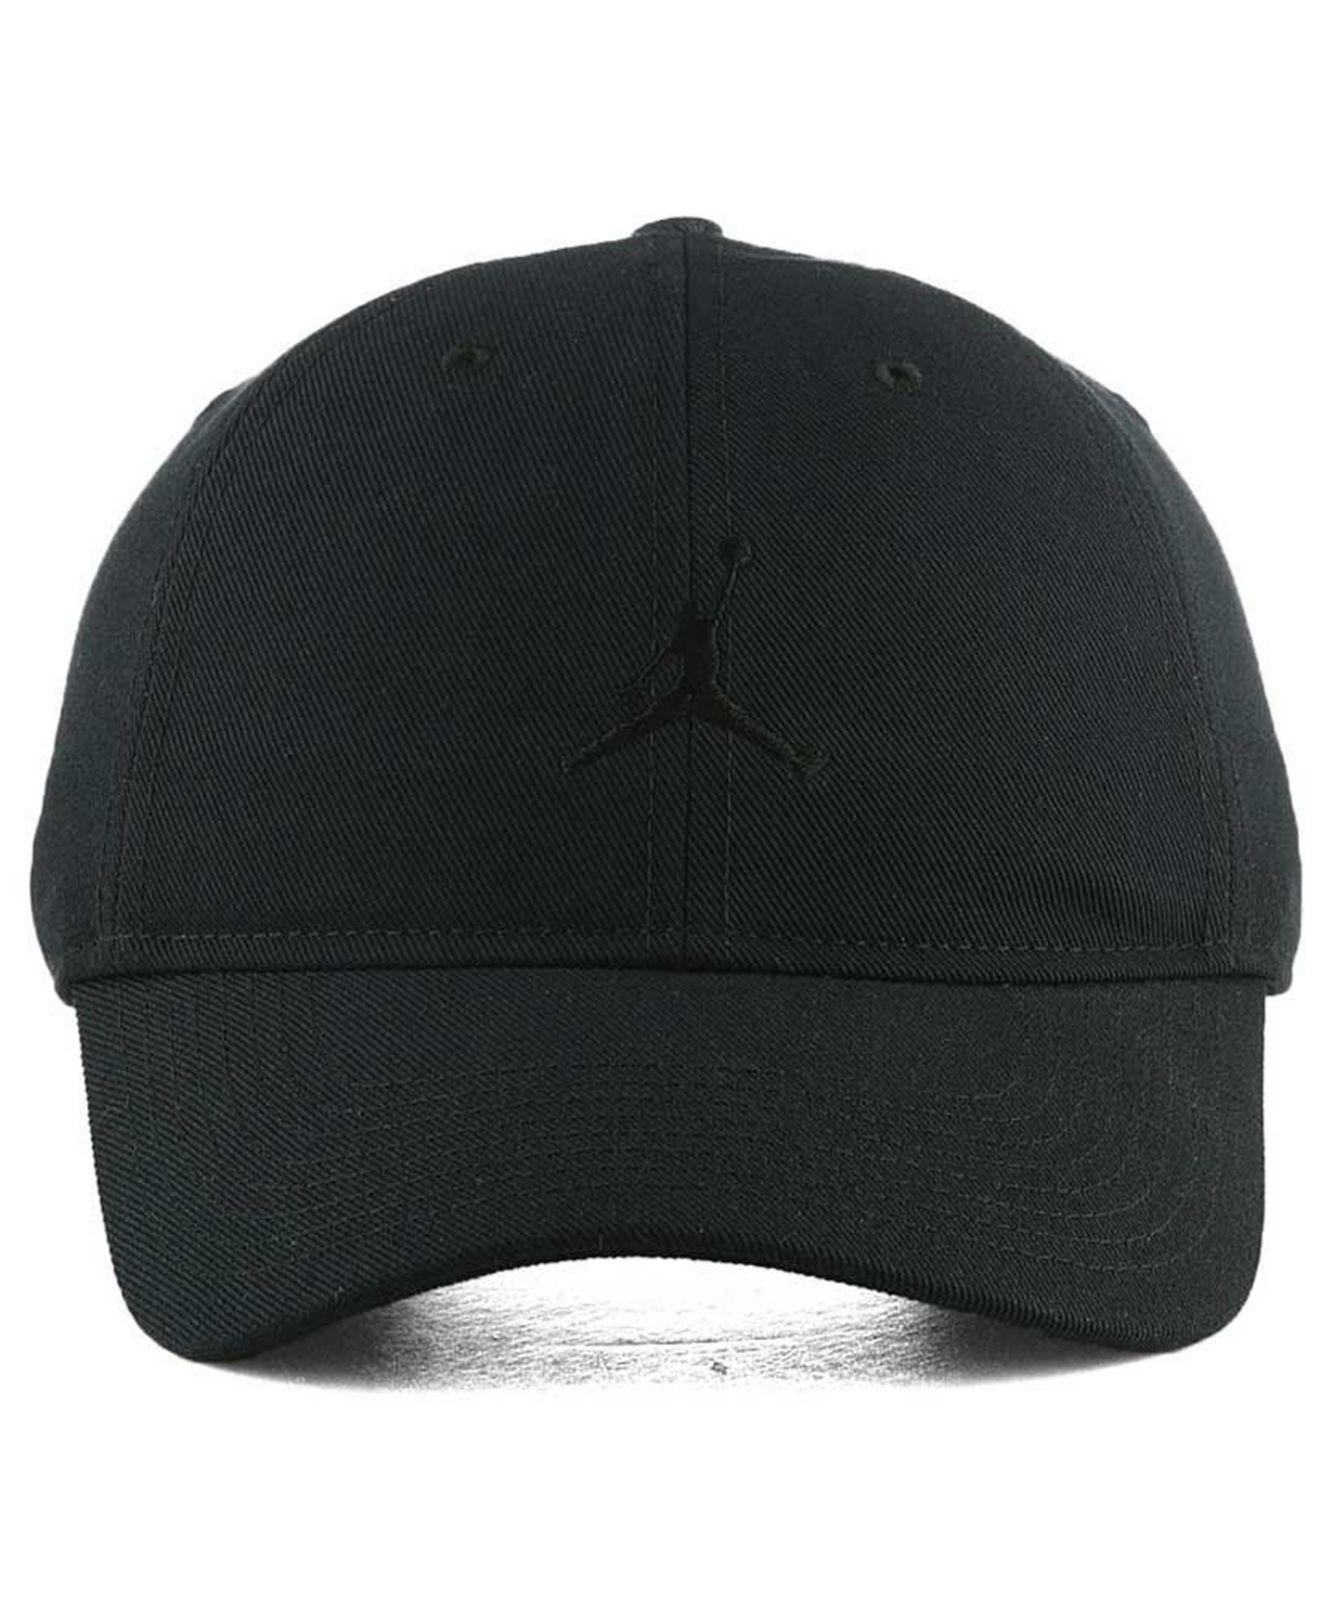 82e2d6115ca38d ... good lyst jordan floppy h86 cap in black for men 6601c 89060